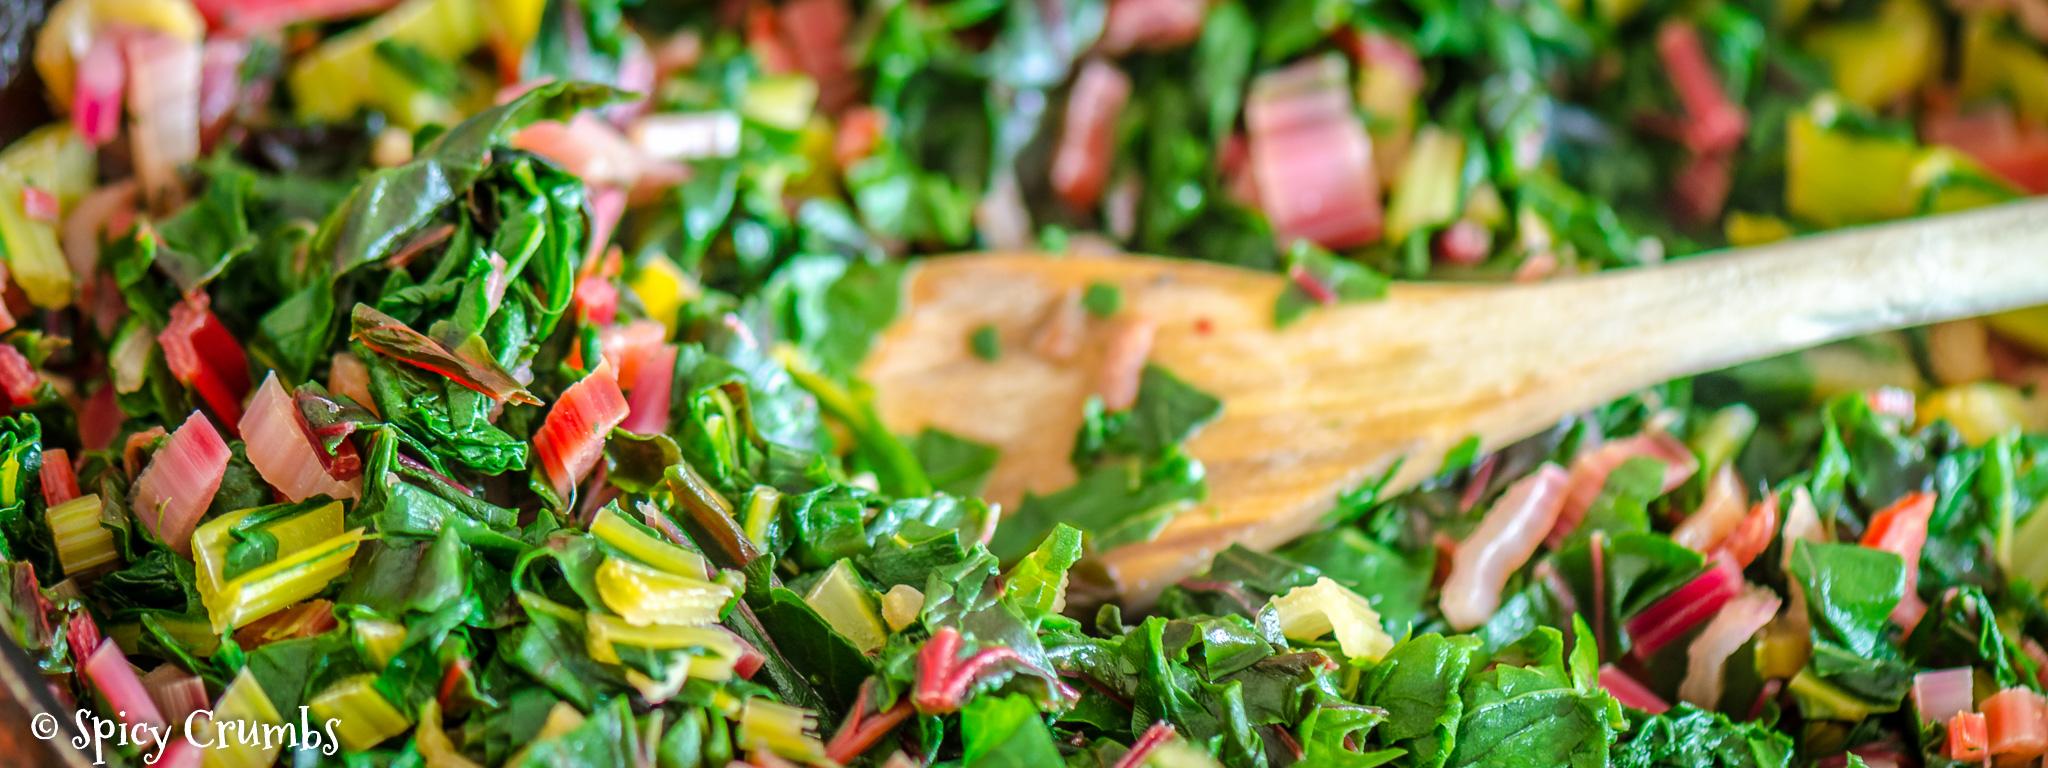 zapečené brambory s mangoldem a rybou